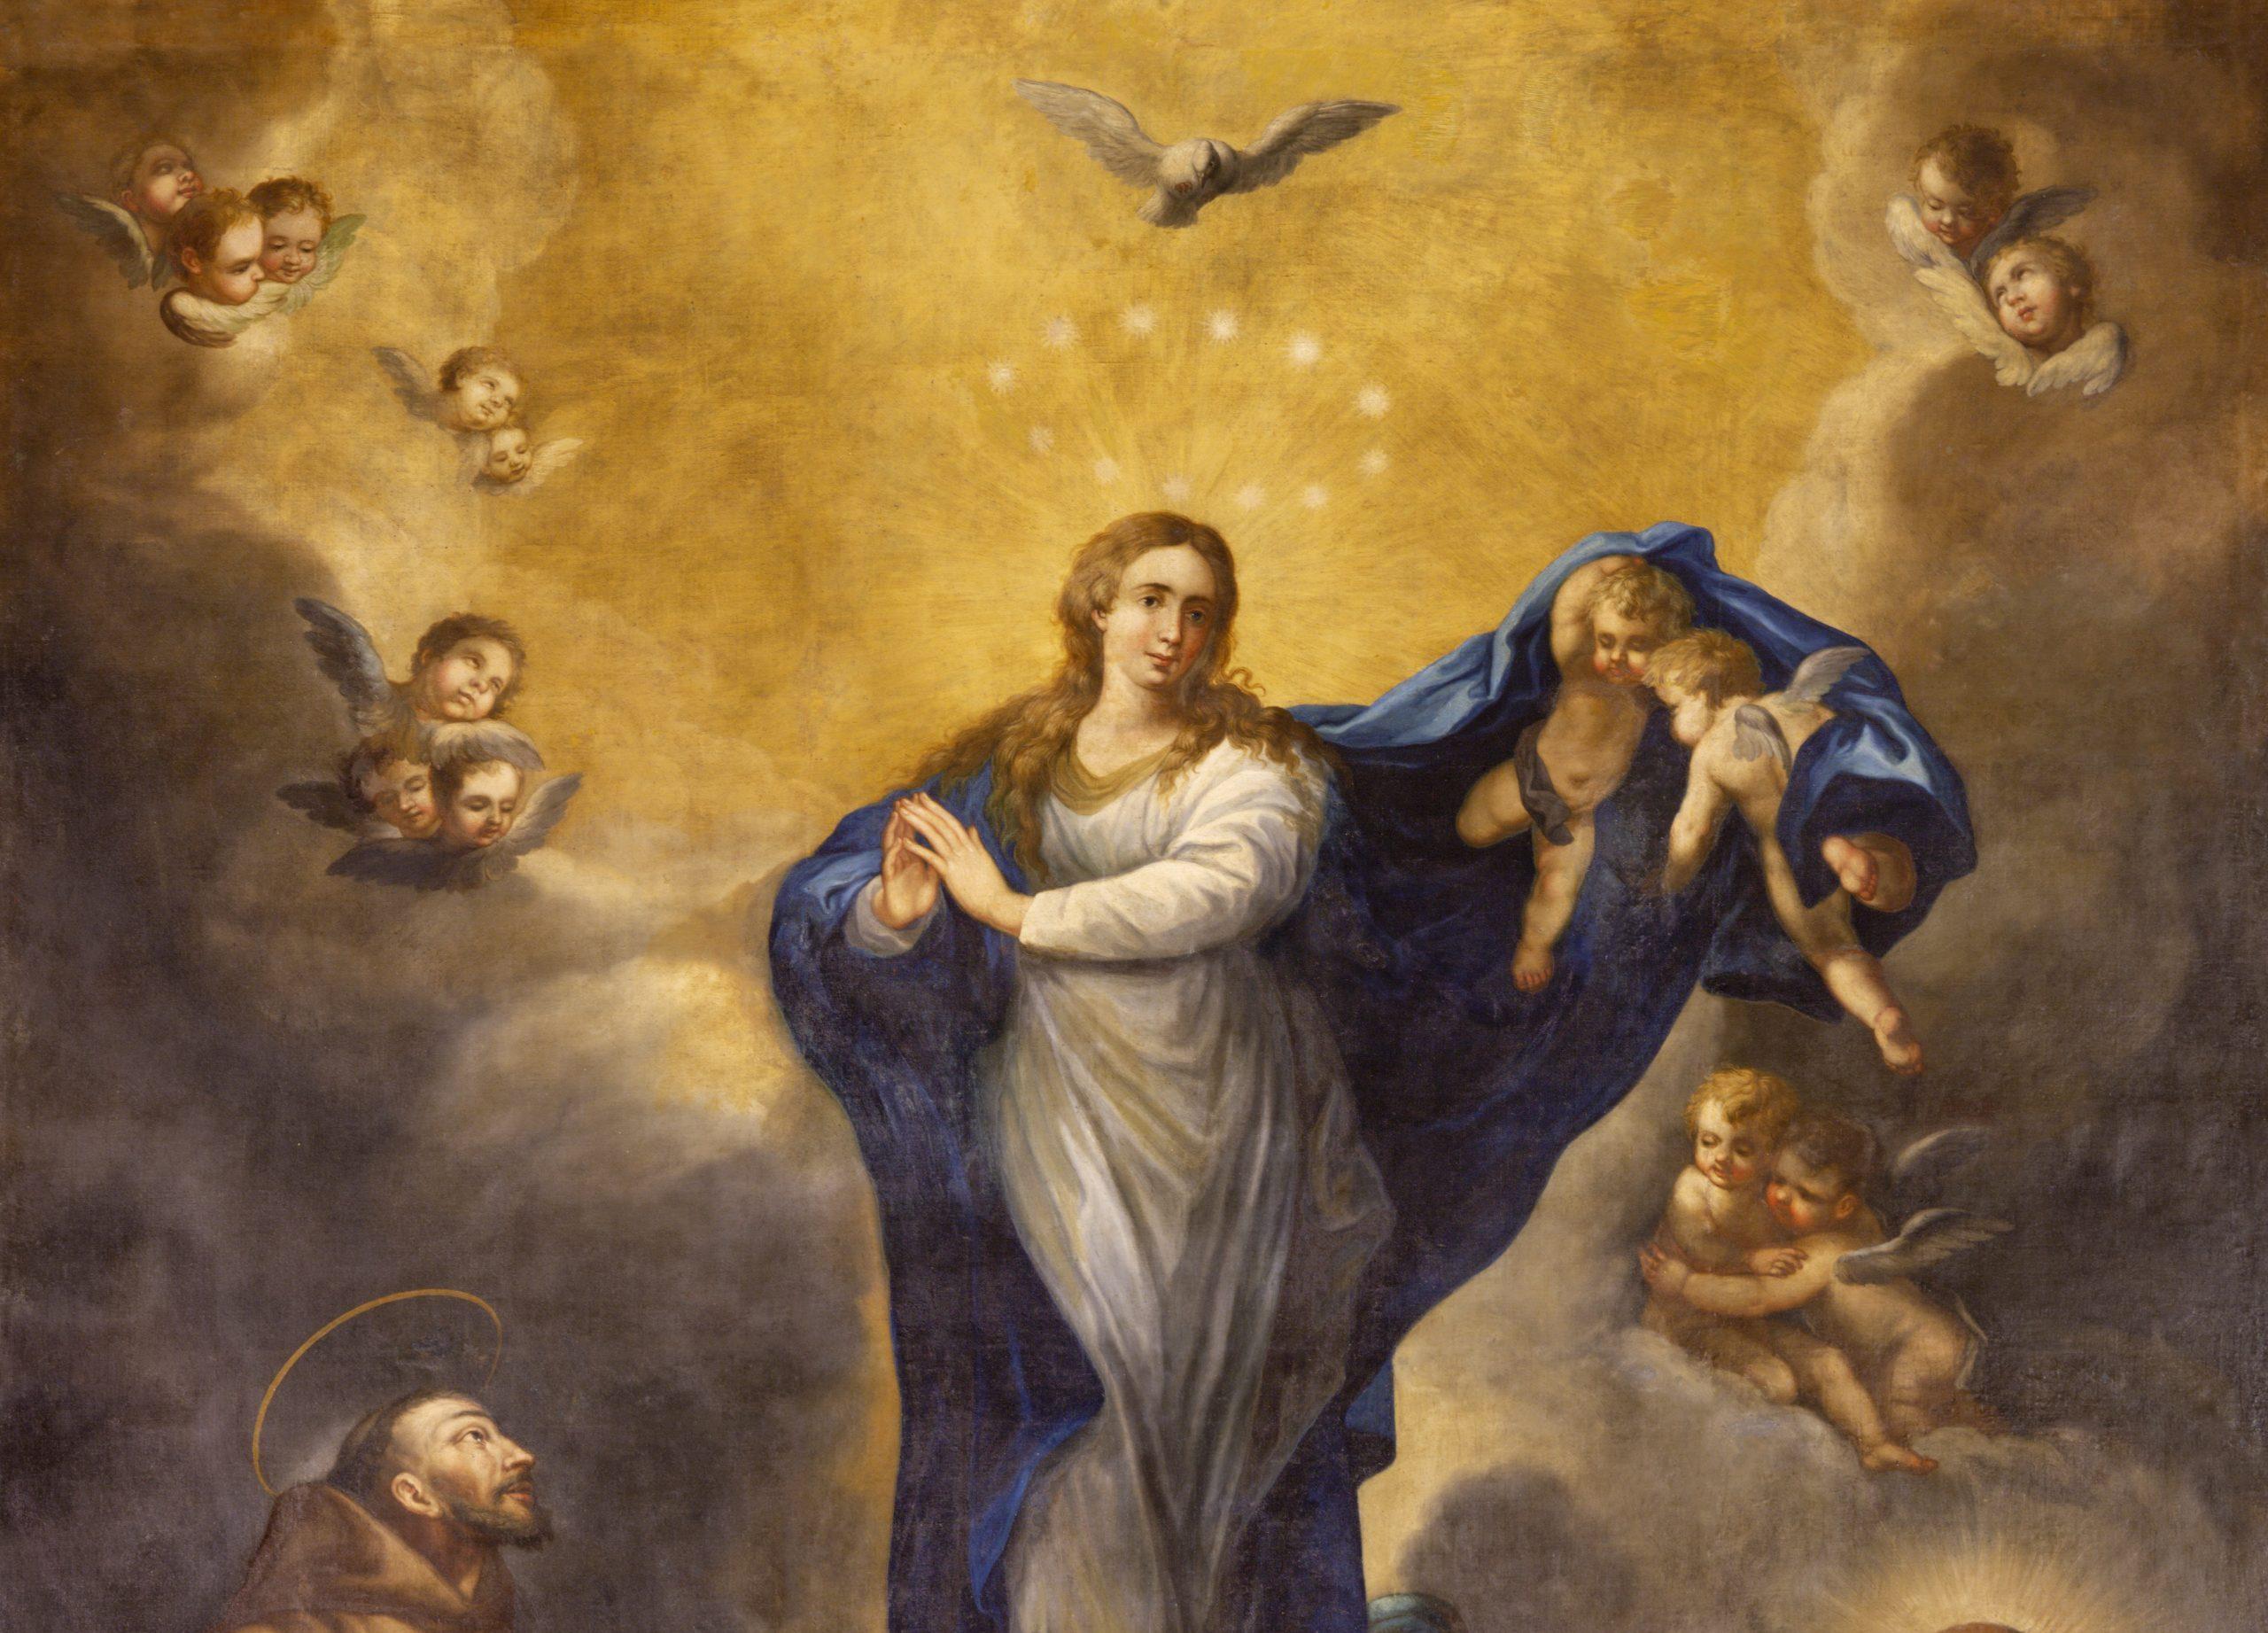 Who Art Thou, O Immaculata?